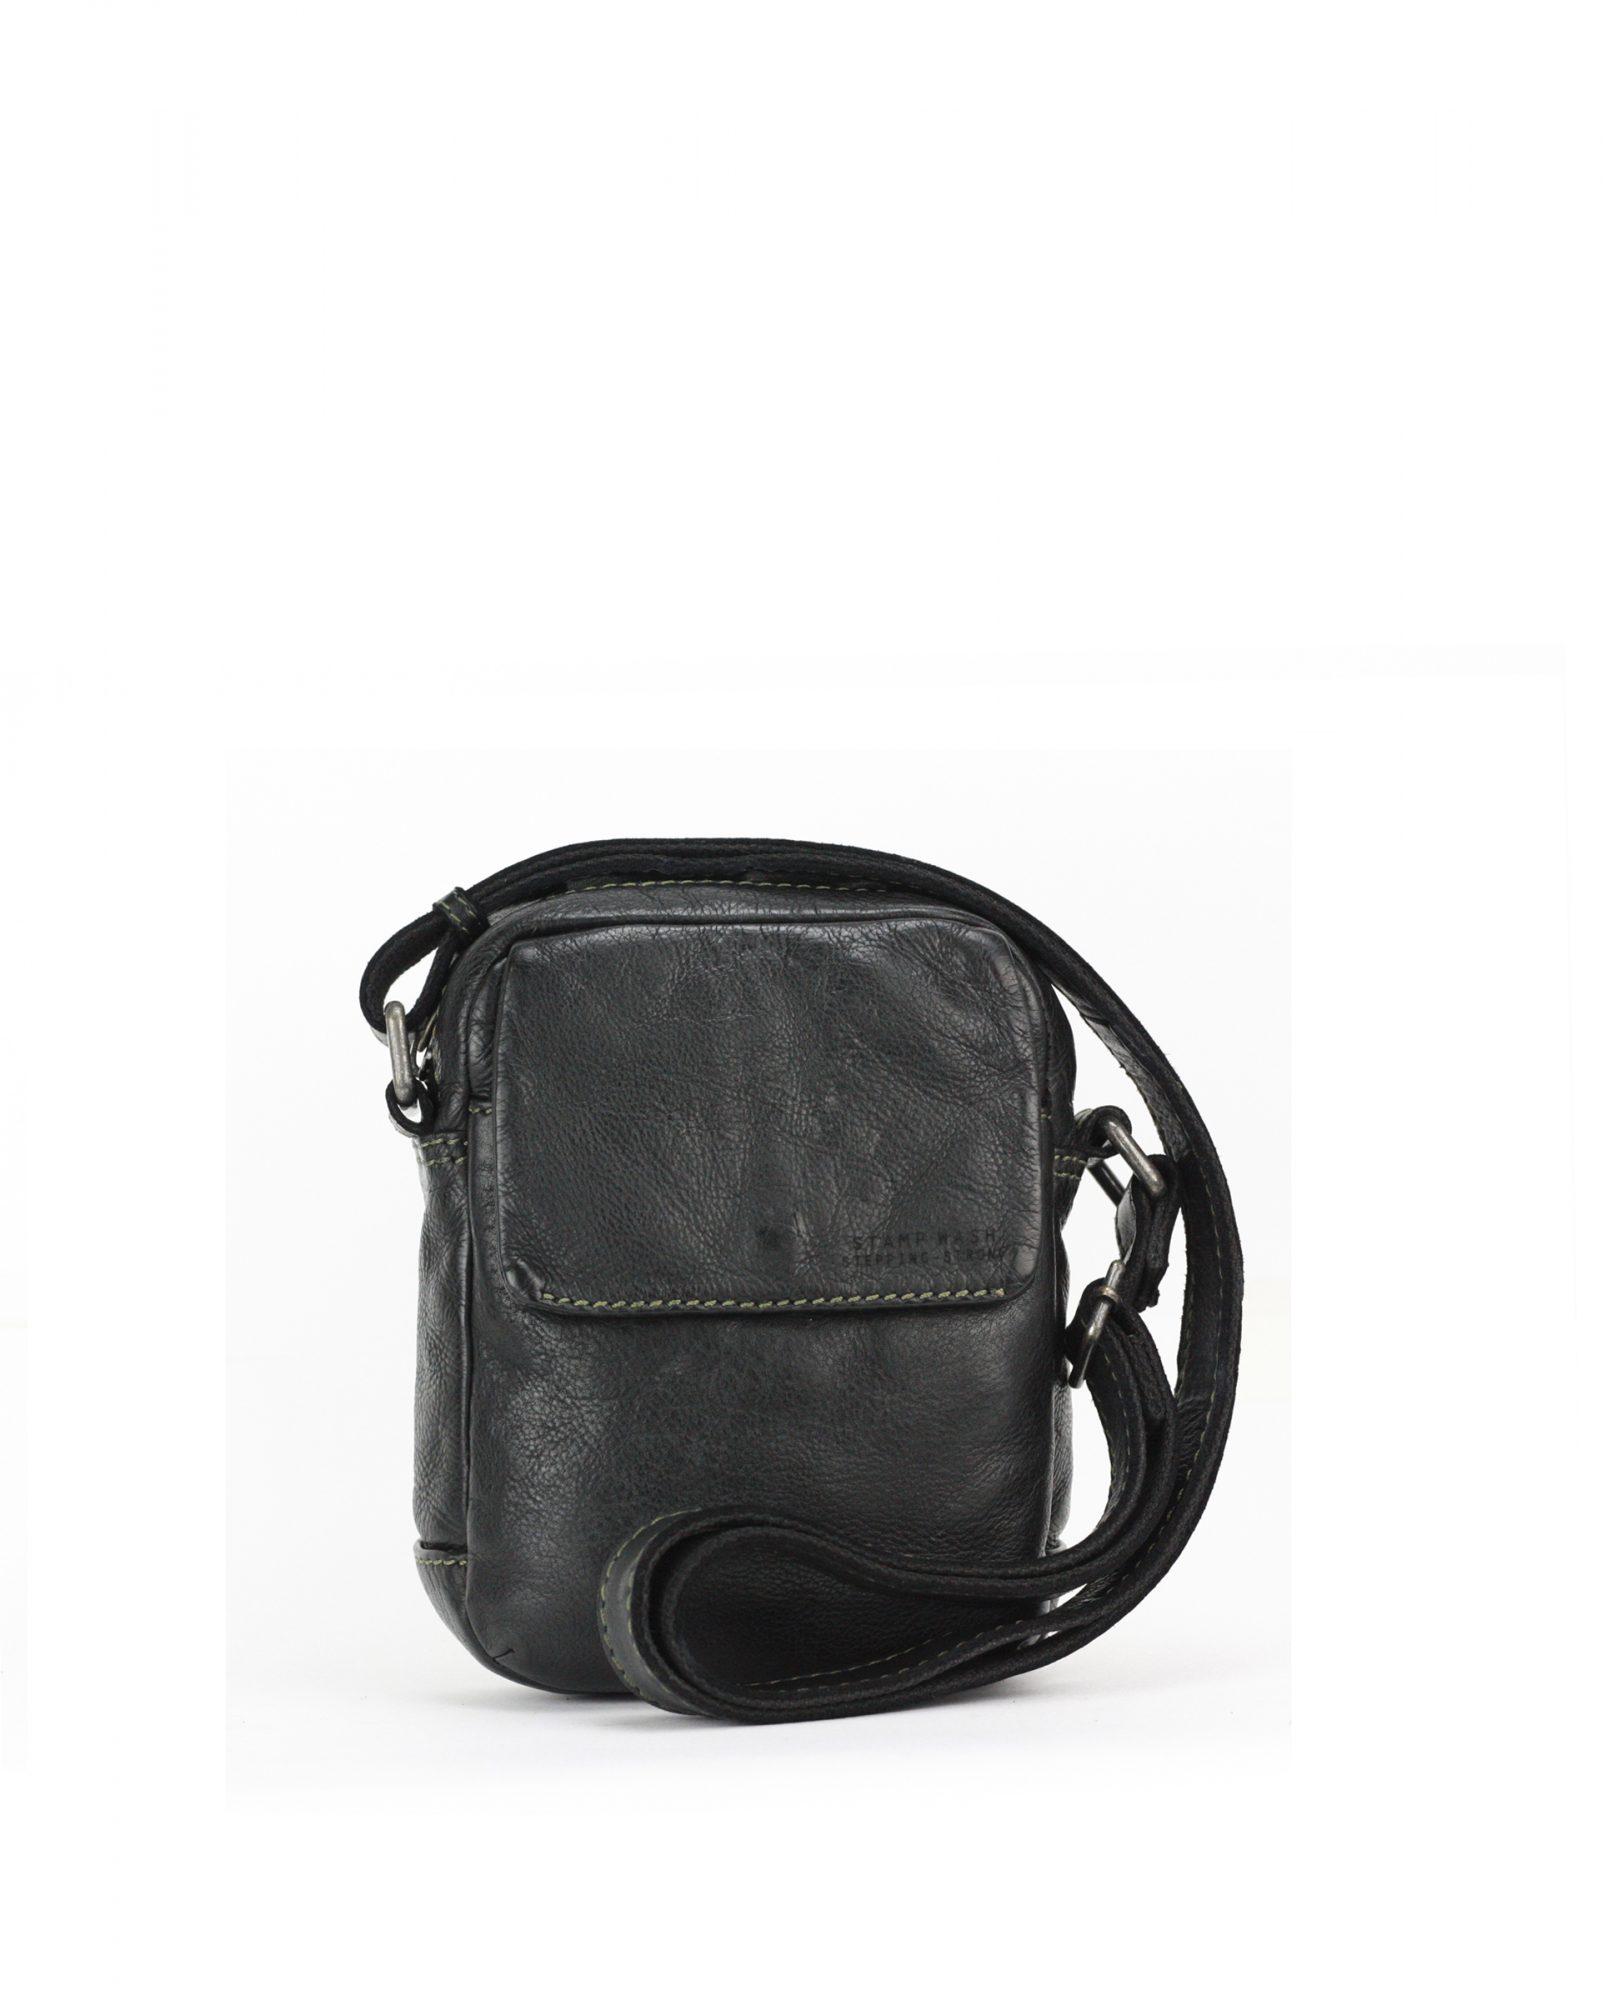 TICHI-Bandolera de hombre Stamp en piel color negro-BHST00129NE-STAMP